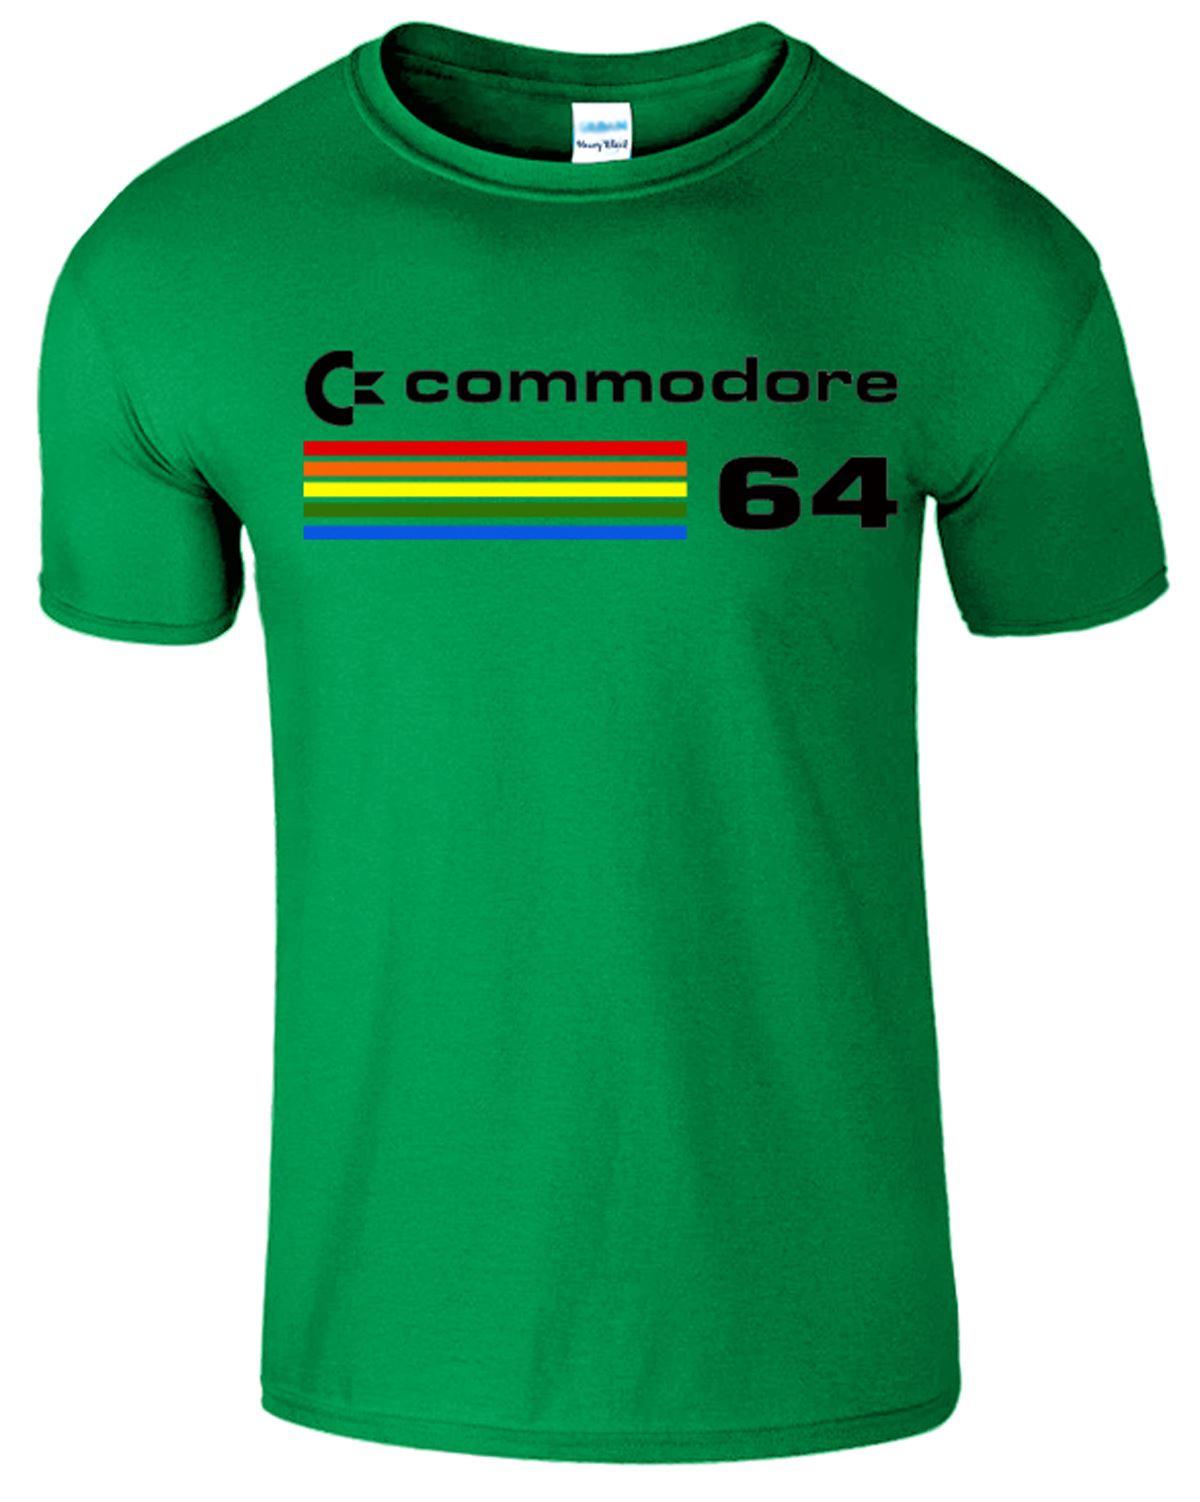 Computadora-Commodore-64-para-hombre-T-Shirt-Tee-Shirt-C64-Clasico